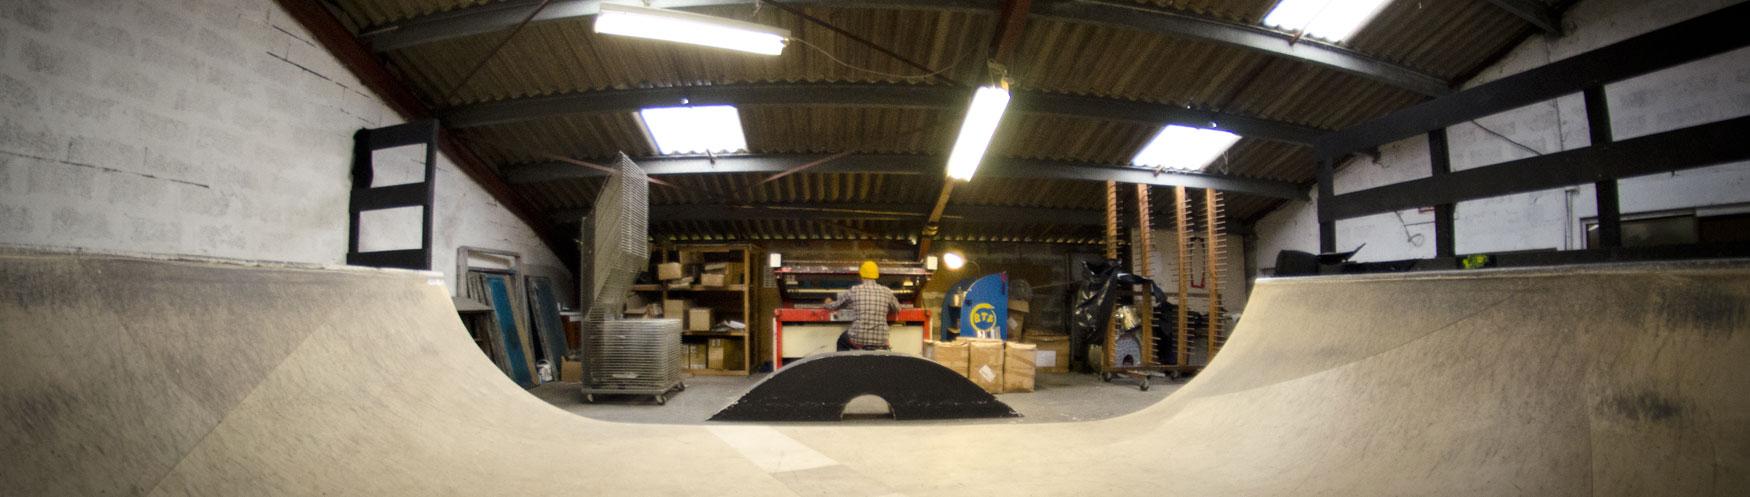 factory-skateboard